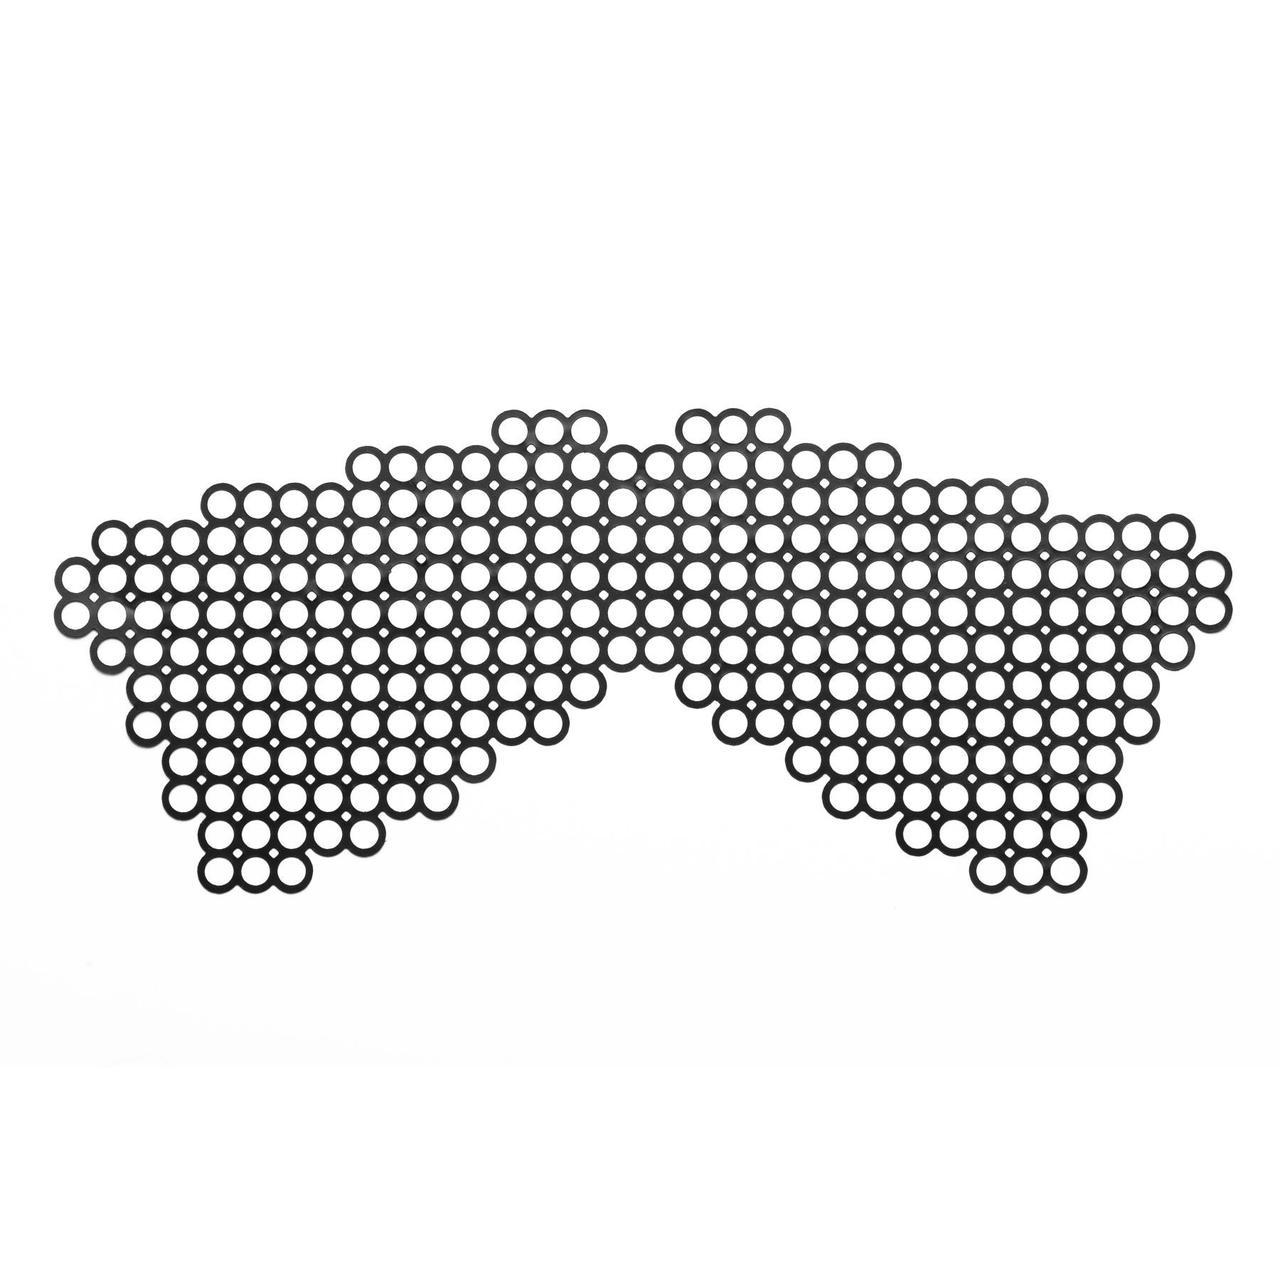 Маска на обличчя Bijoux Indiscrets - Erika Mask, вінілова, клейове кріплення, без зав'язок